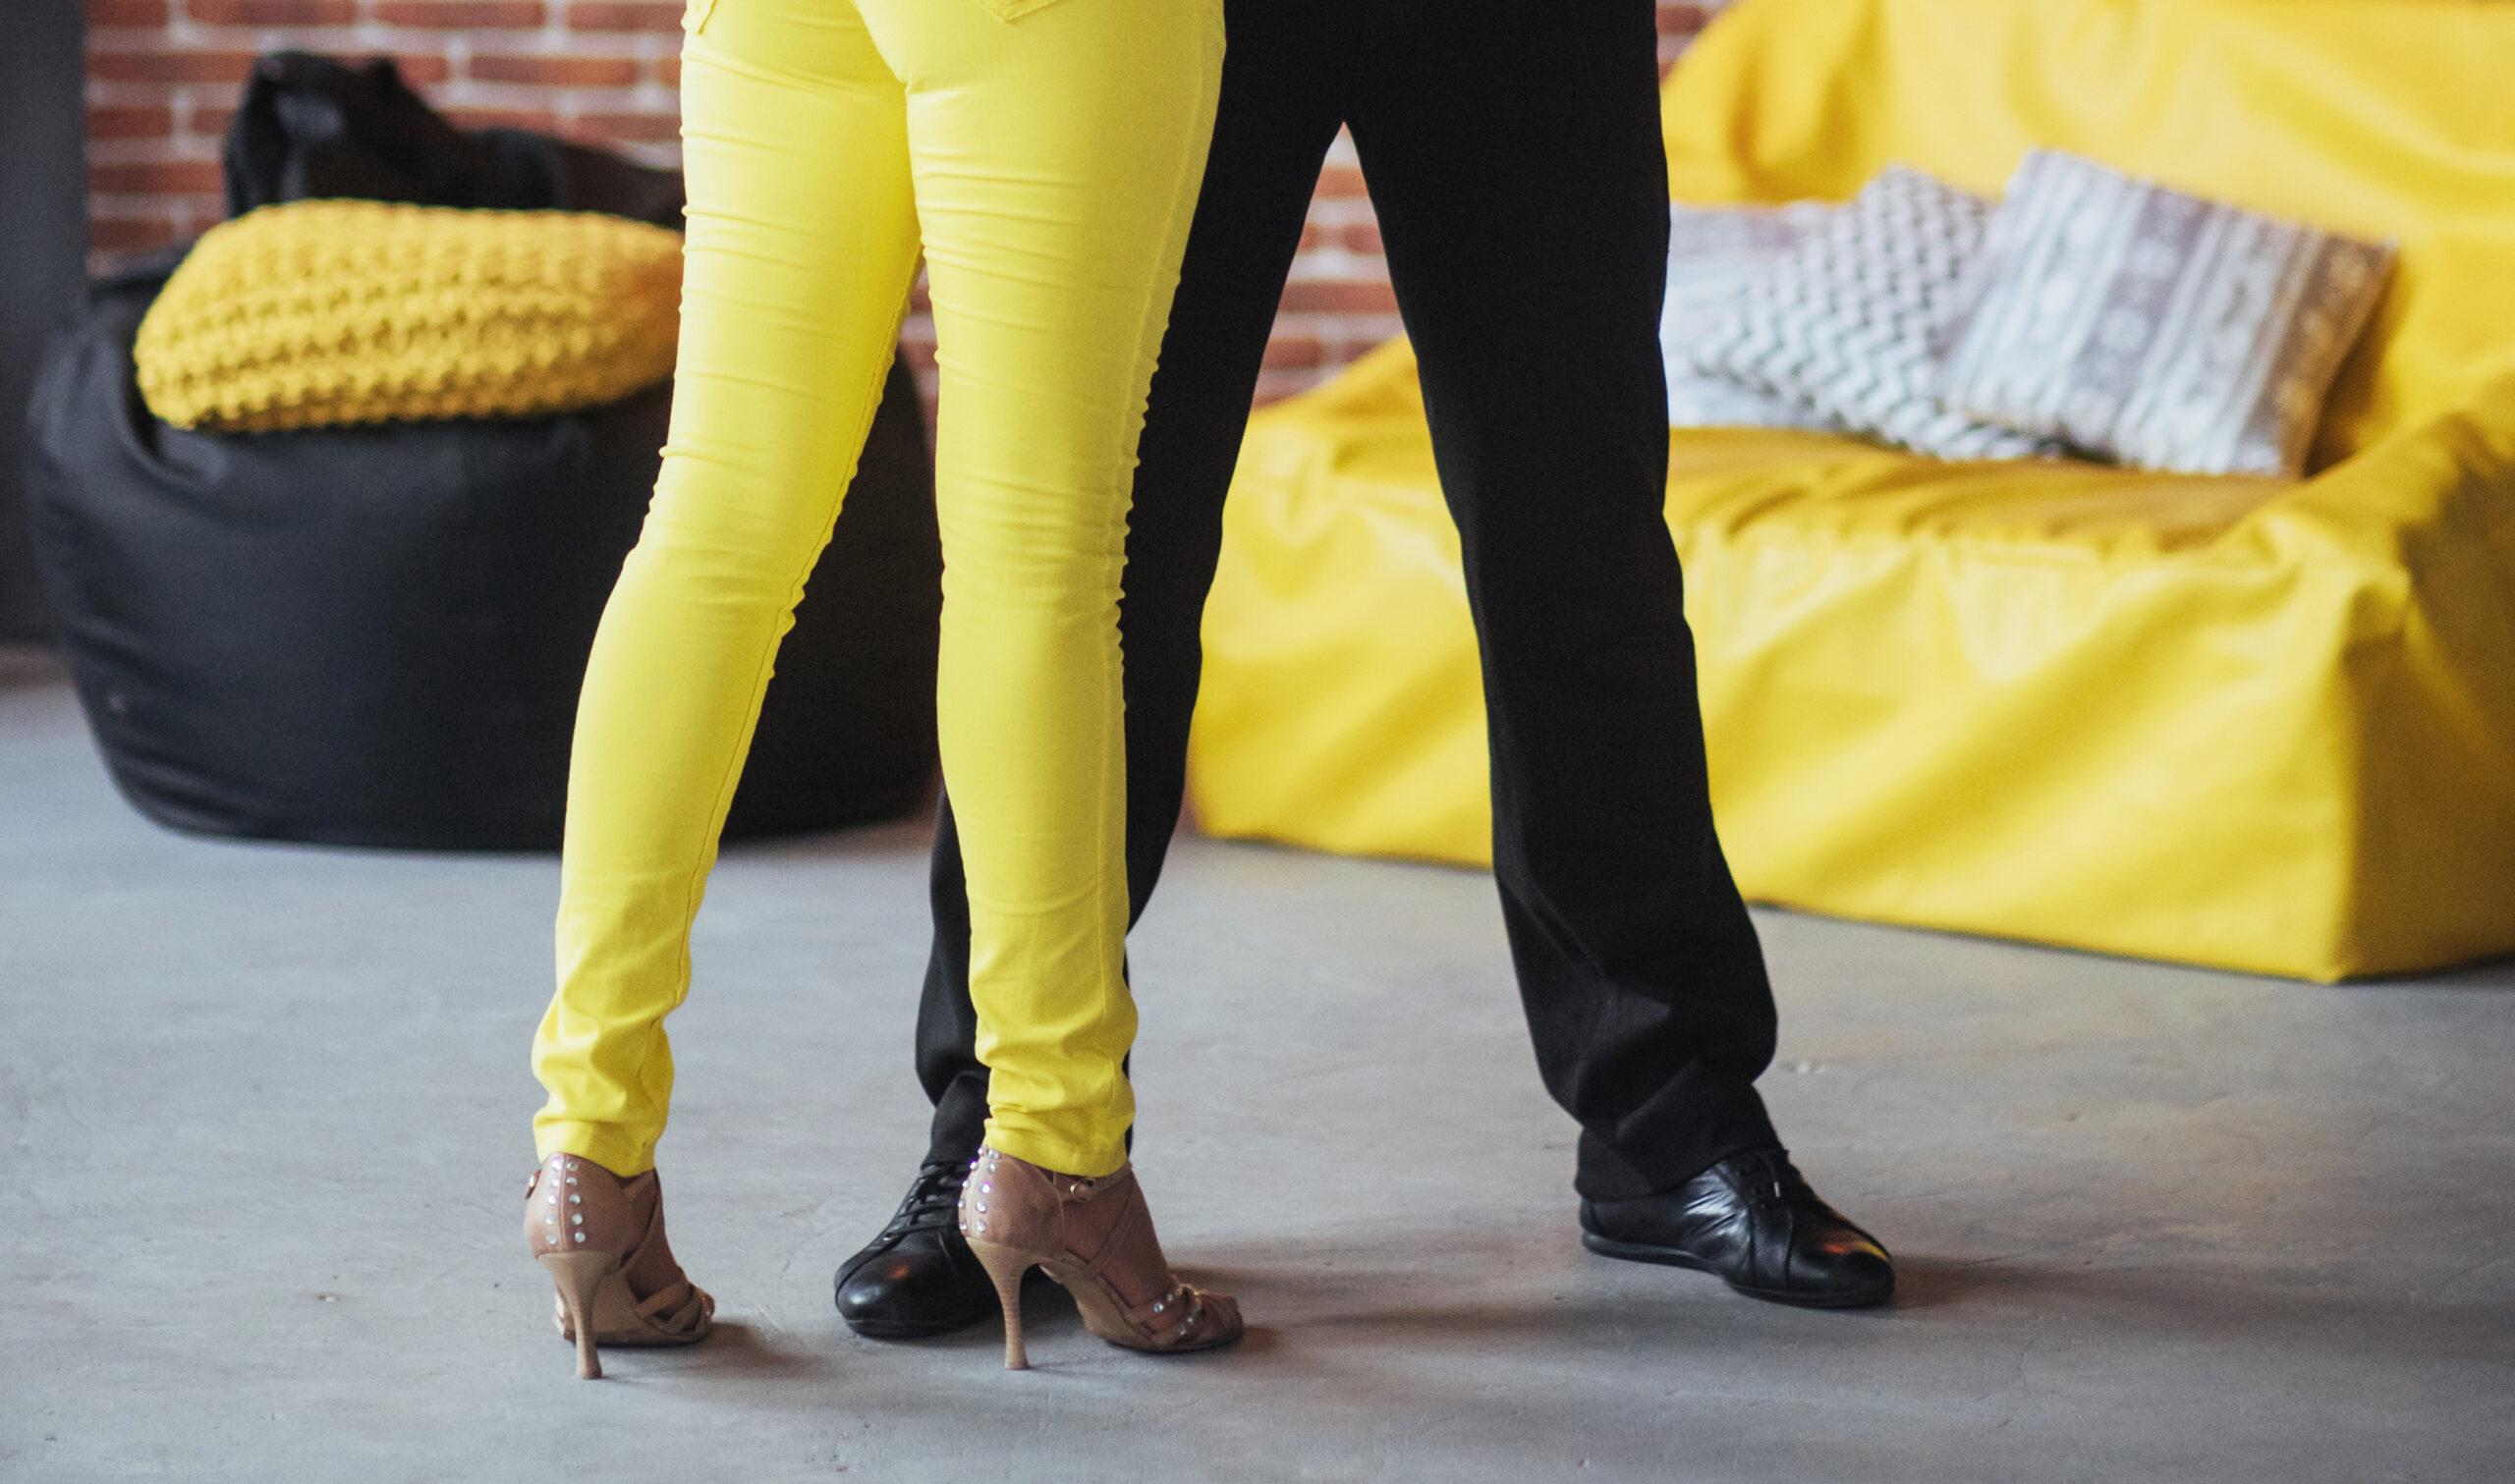 Tanzpaar tanzt Rueda de Casino im Tanzkurs für Anfänger in der Tanzschule in interlraken, Blick auf die Tanzschuhe der Tanzpartner